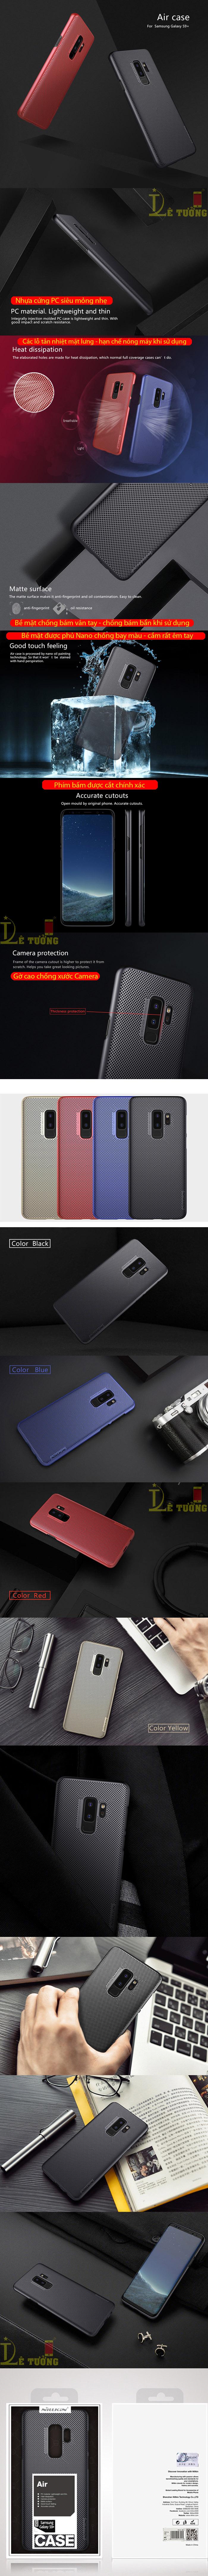 Ốp lưng Galaxy S9 Plus Nillkin Air Case tản nhiệt siêu mỏng 9